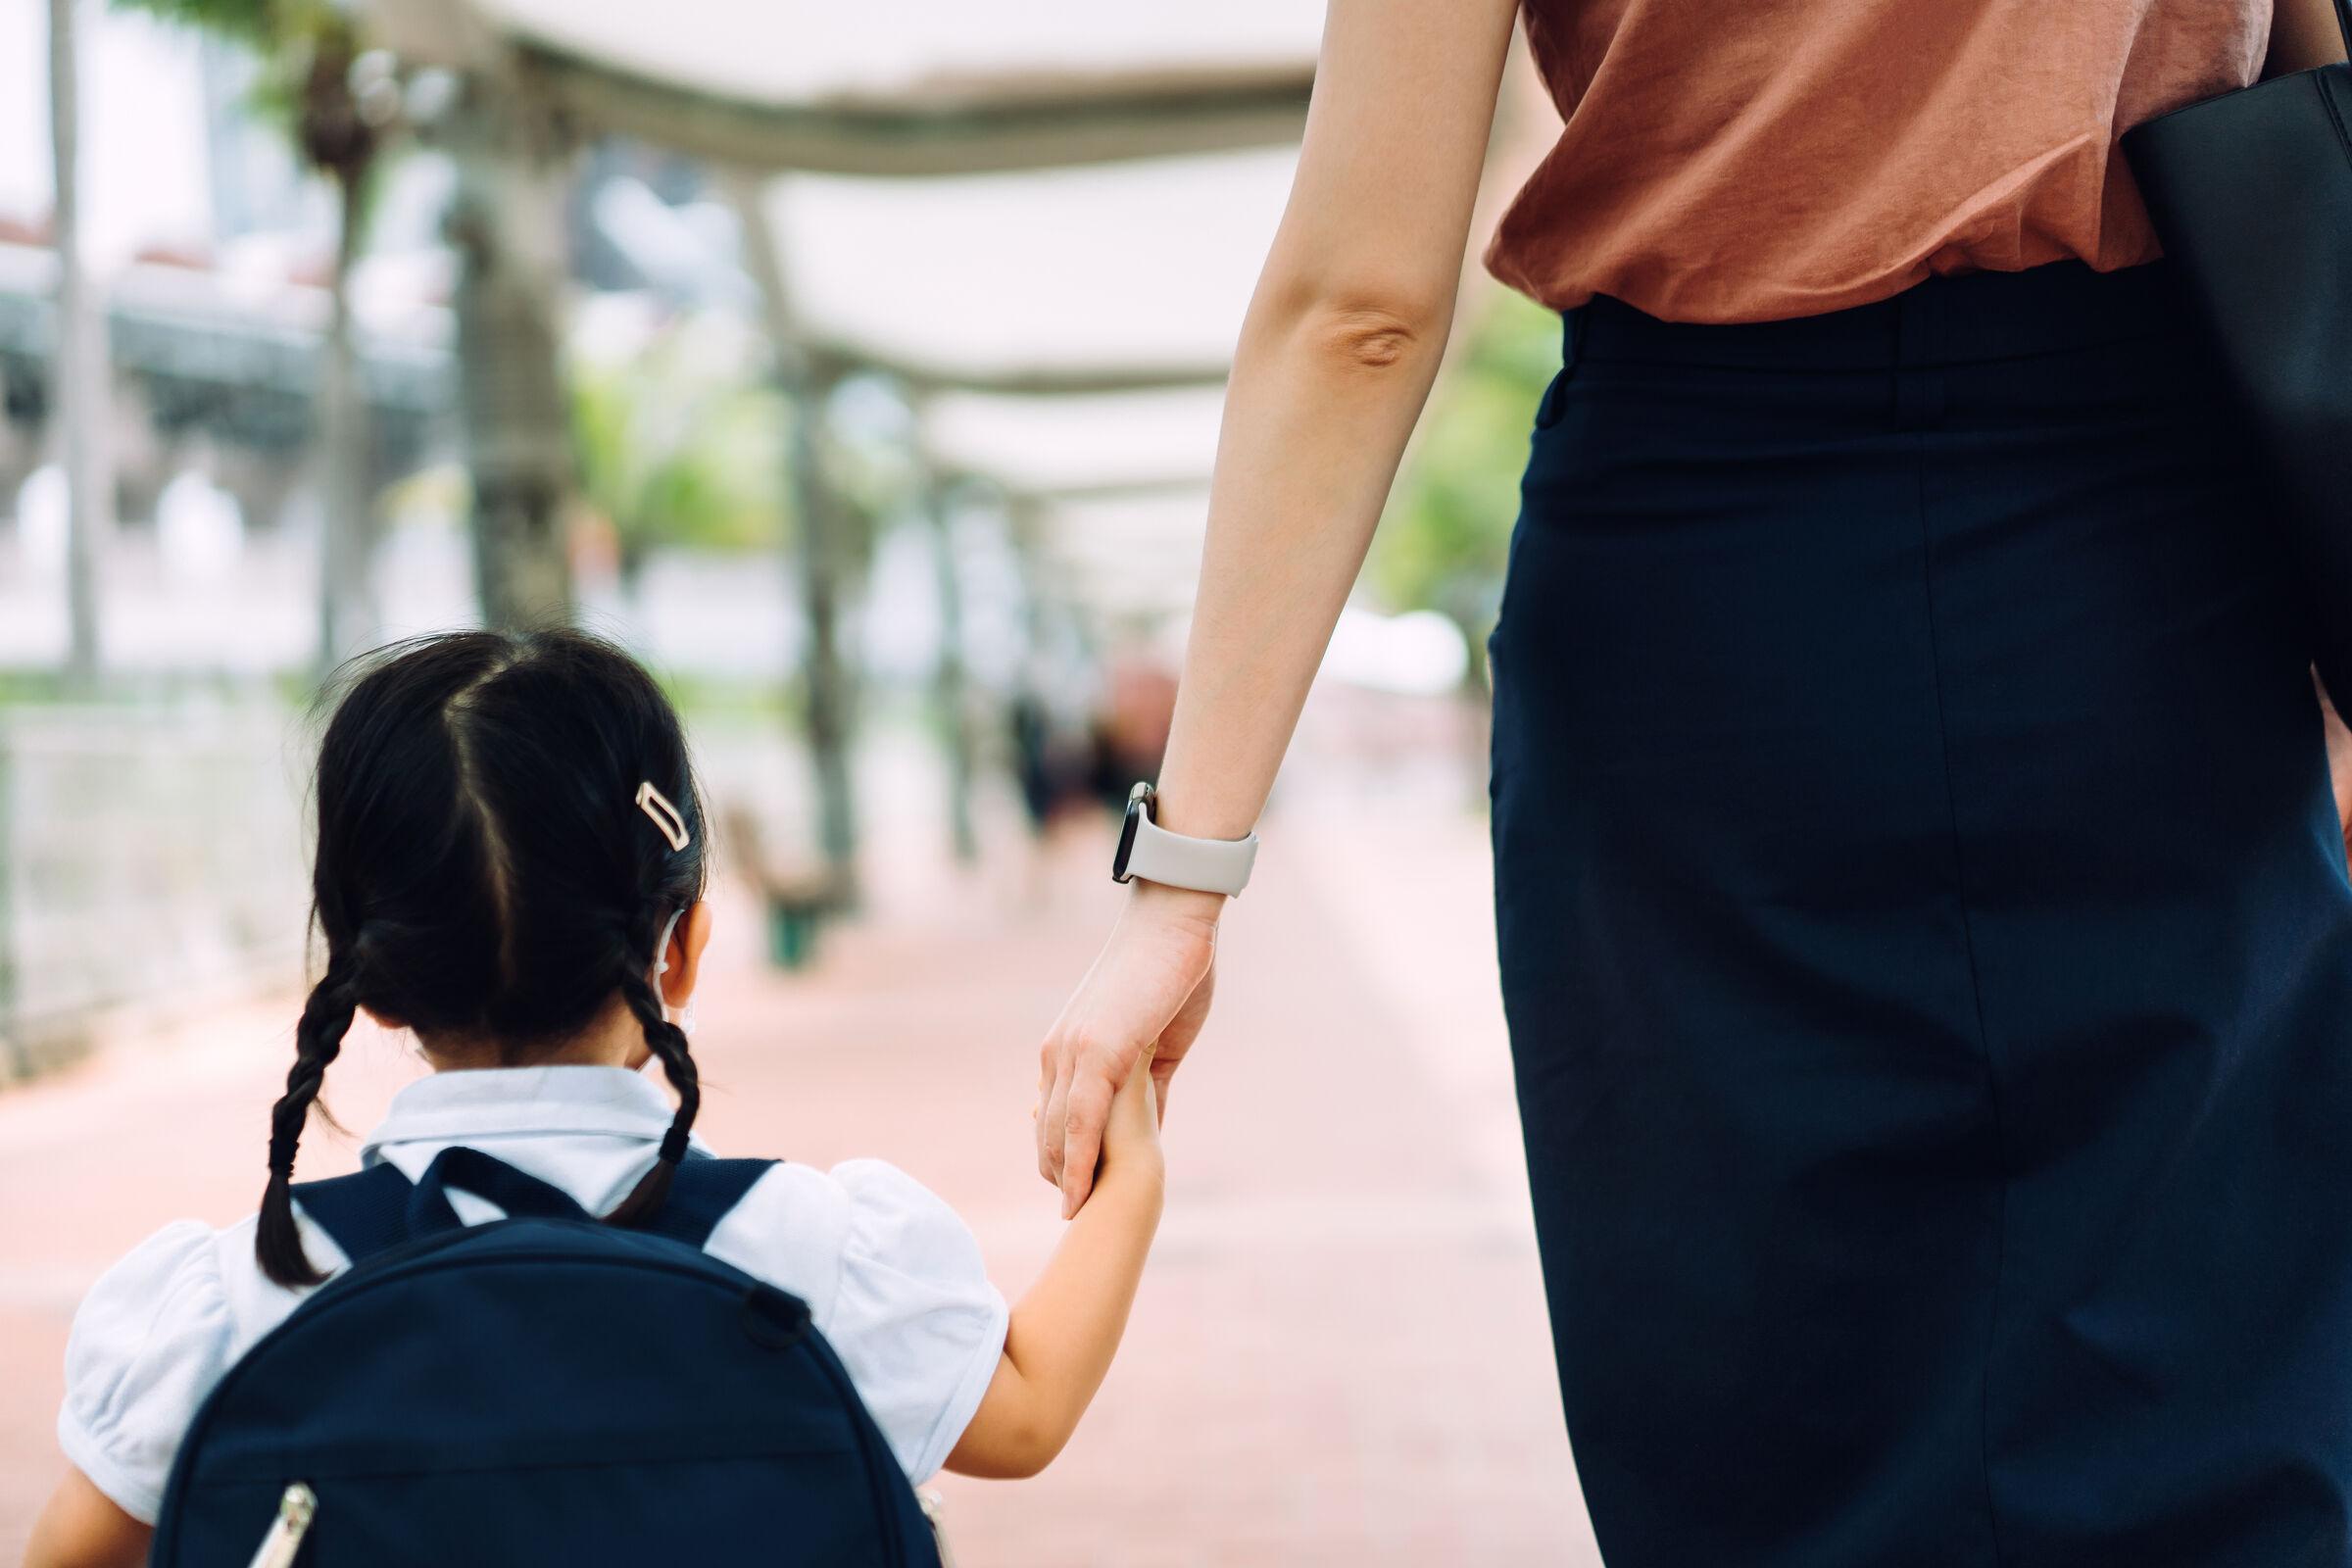 Mãe-andando-com-a-filha